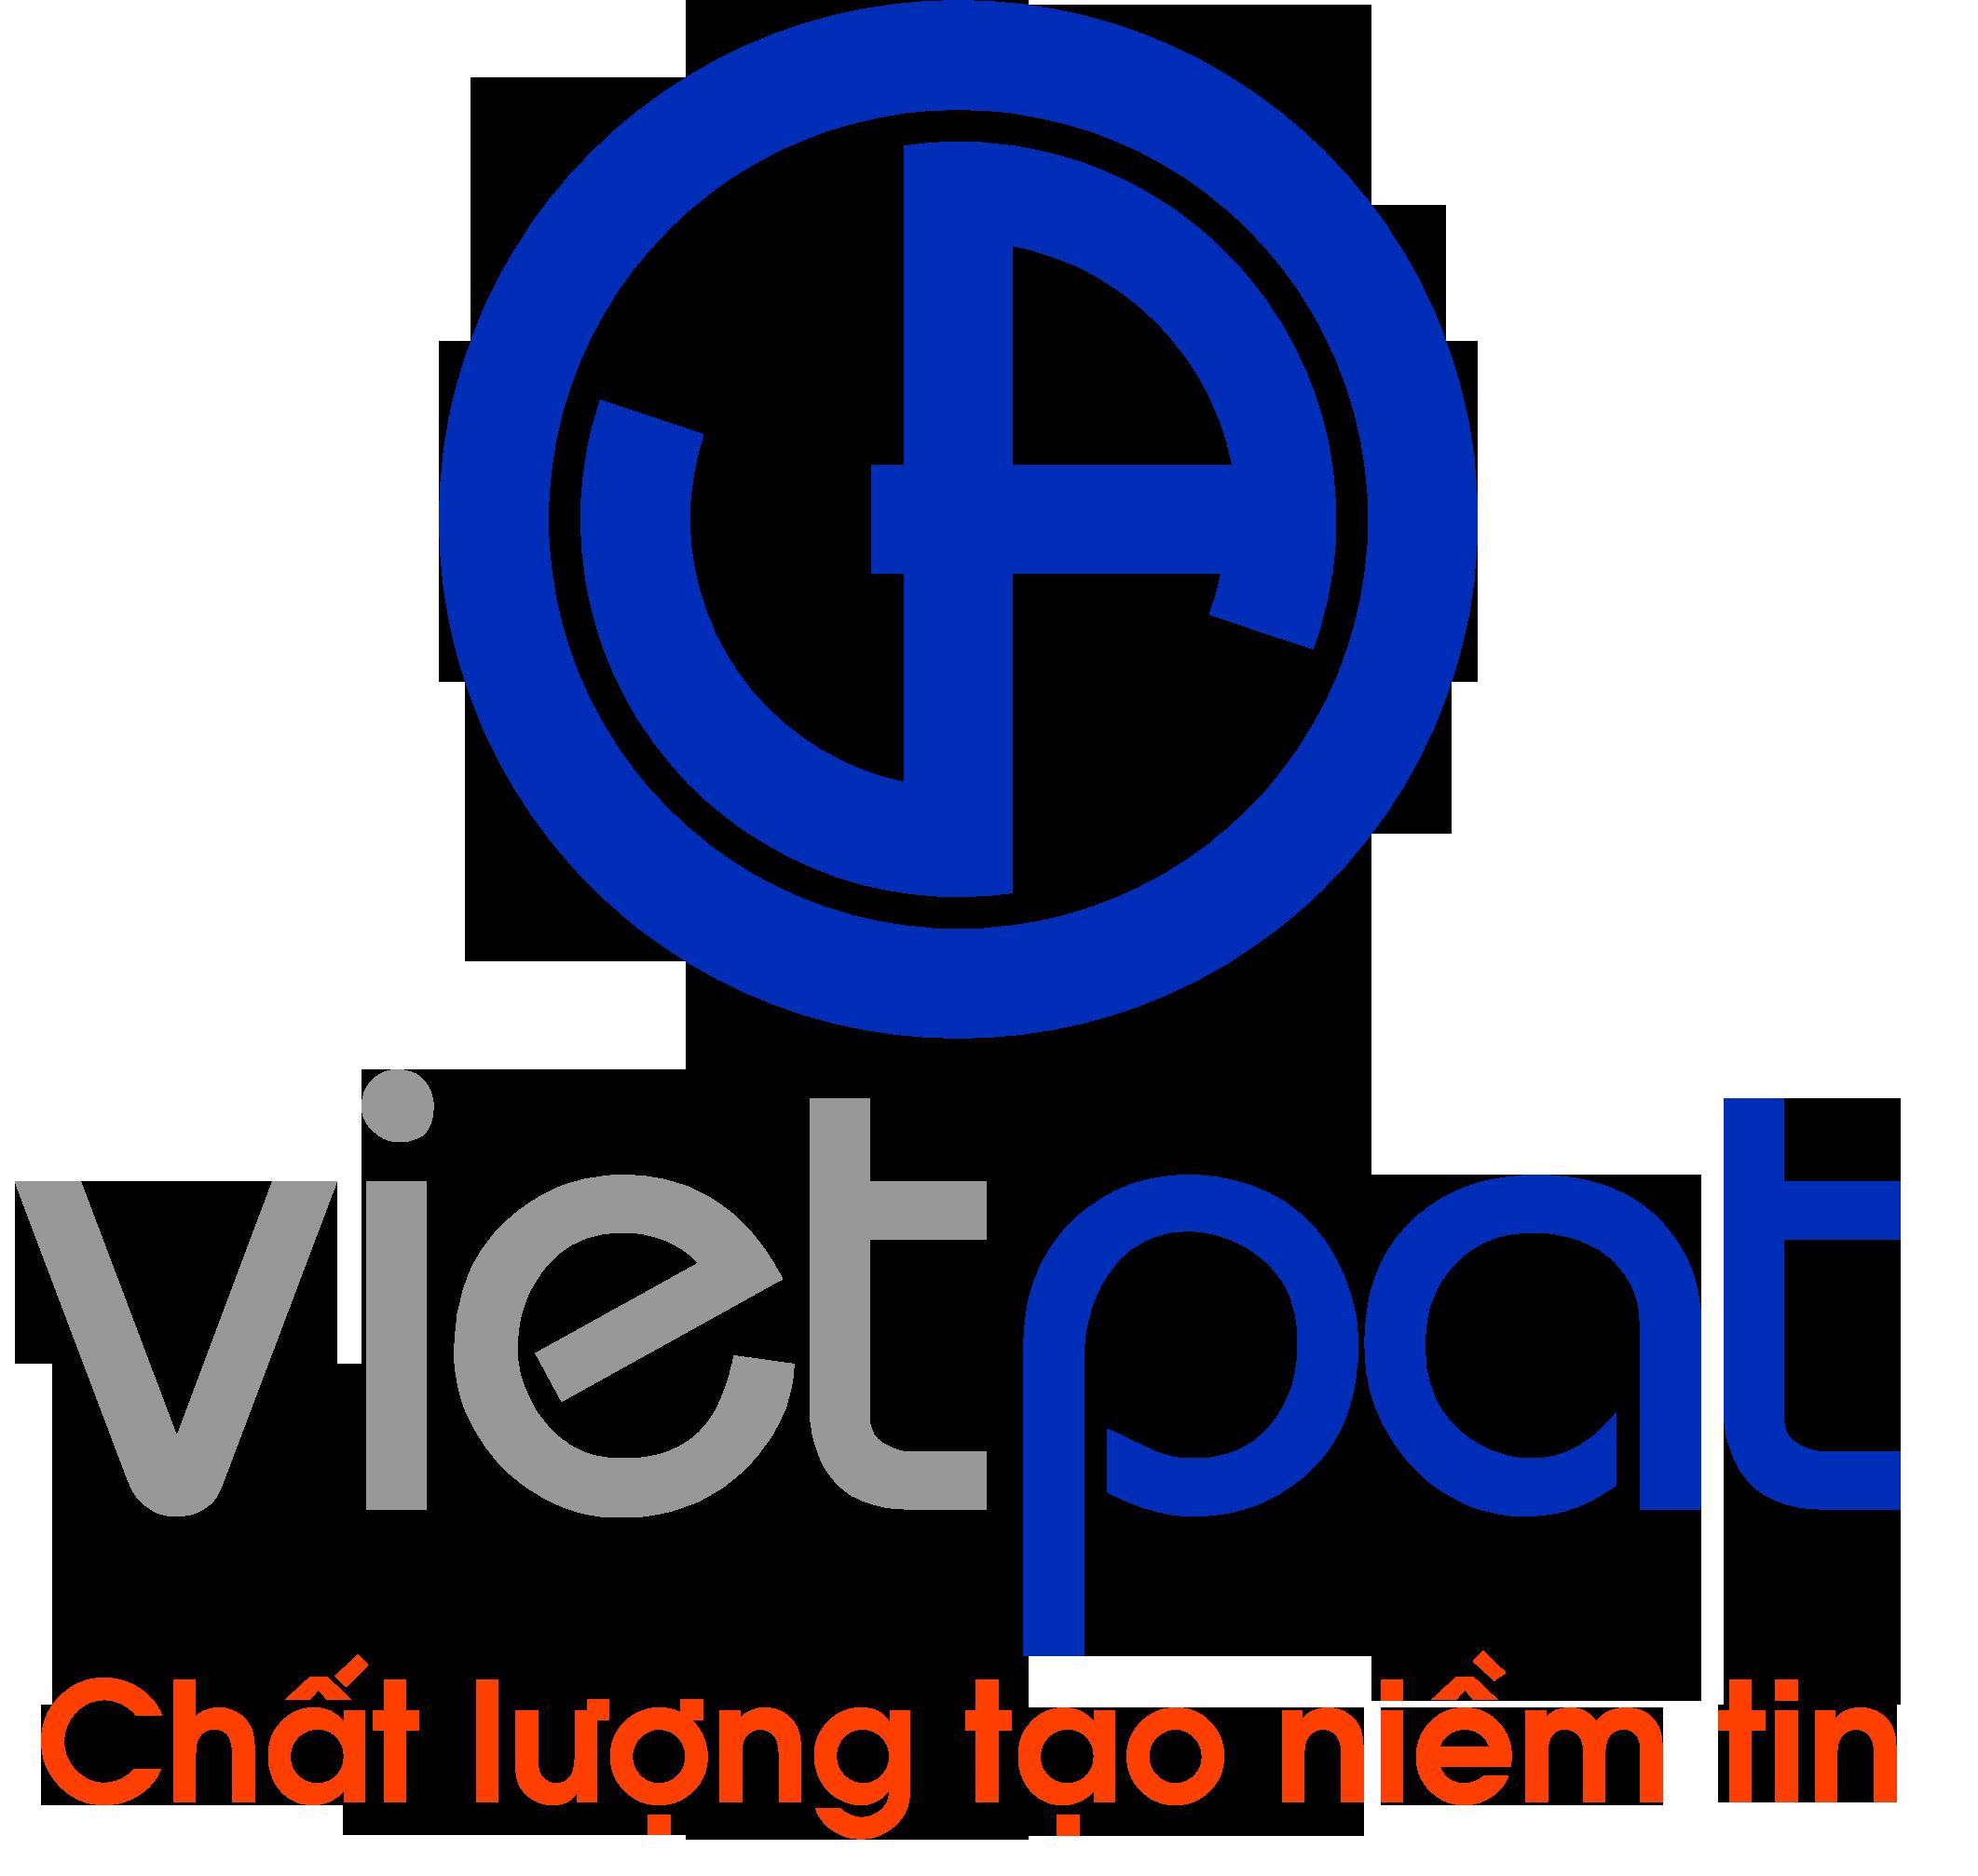 VIETPAD